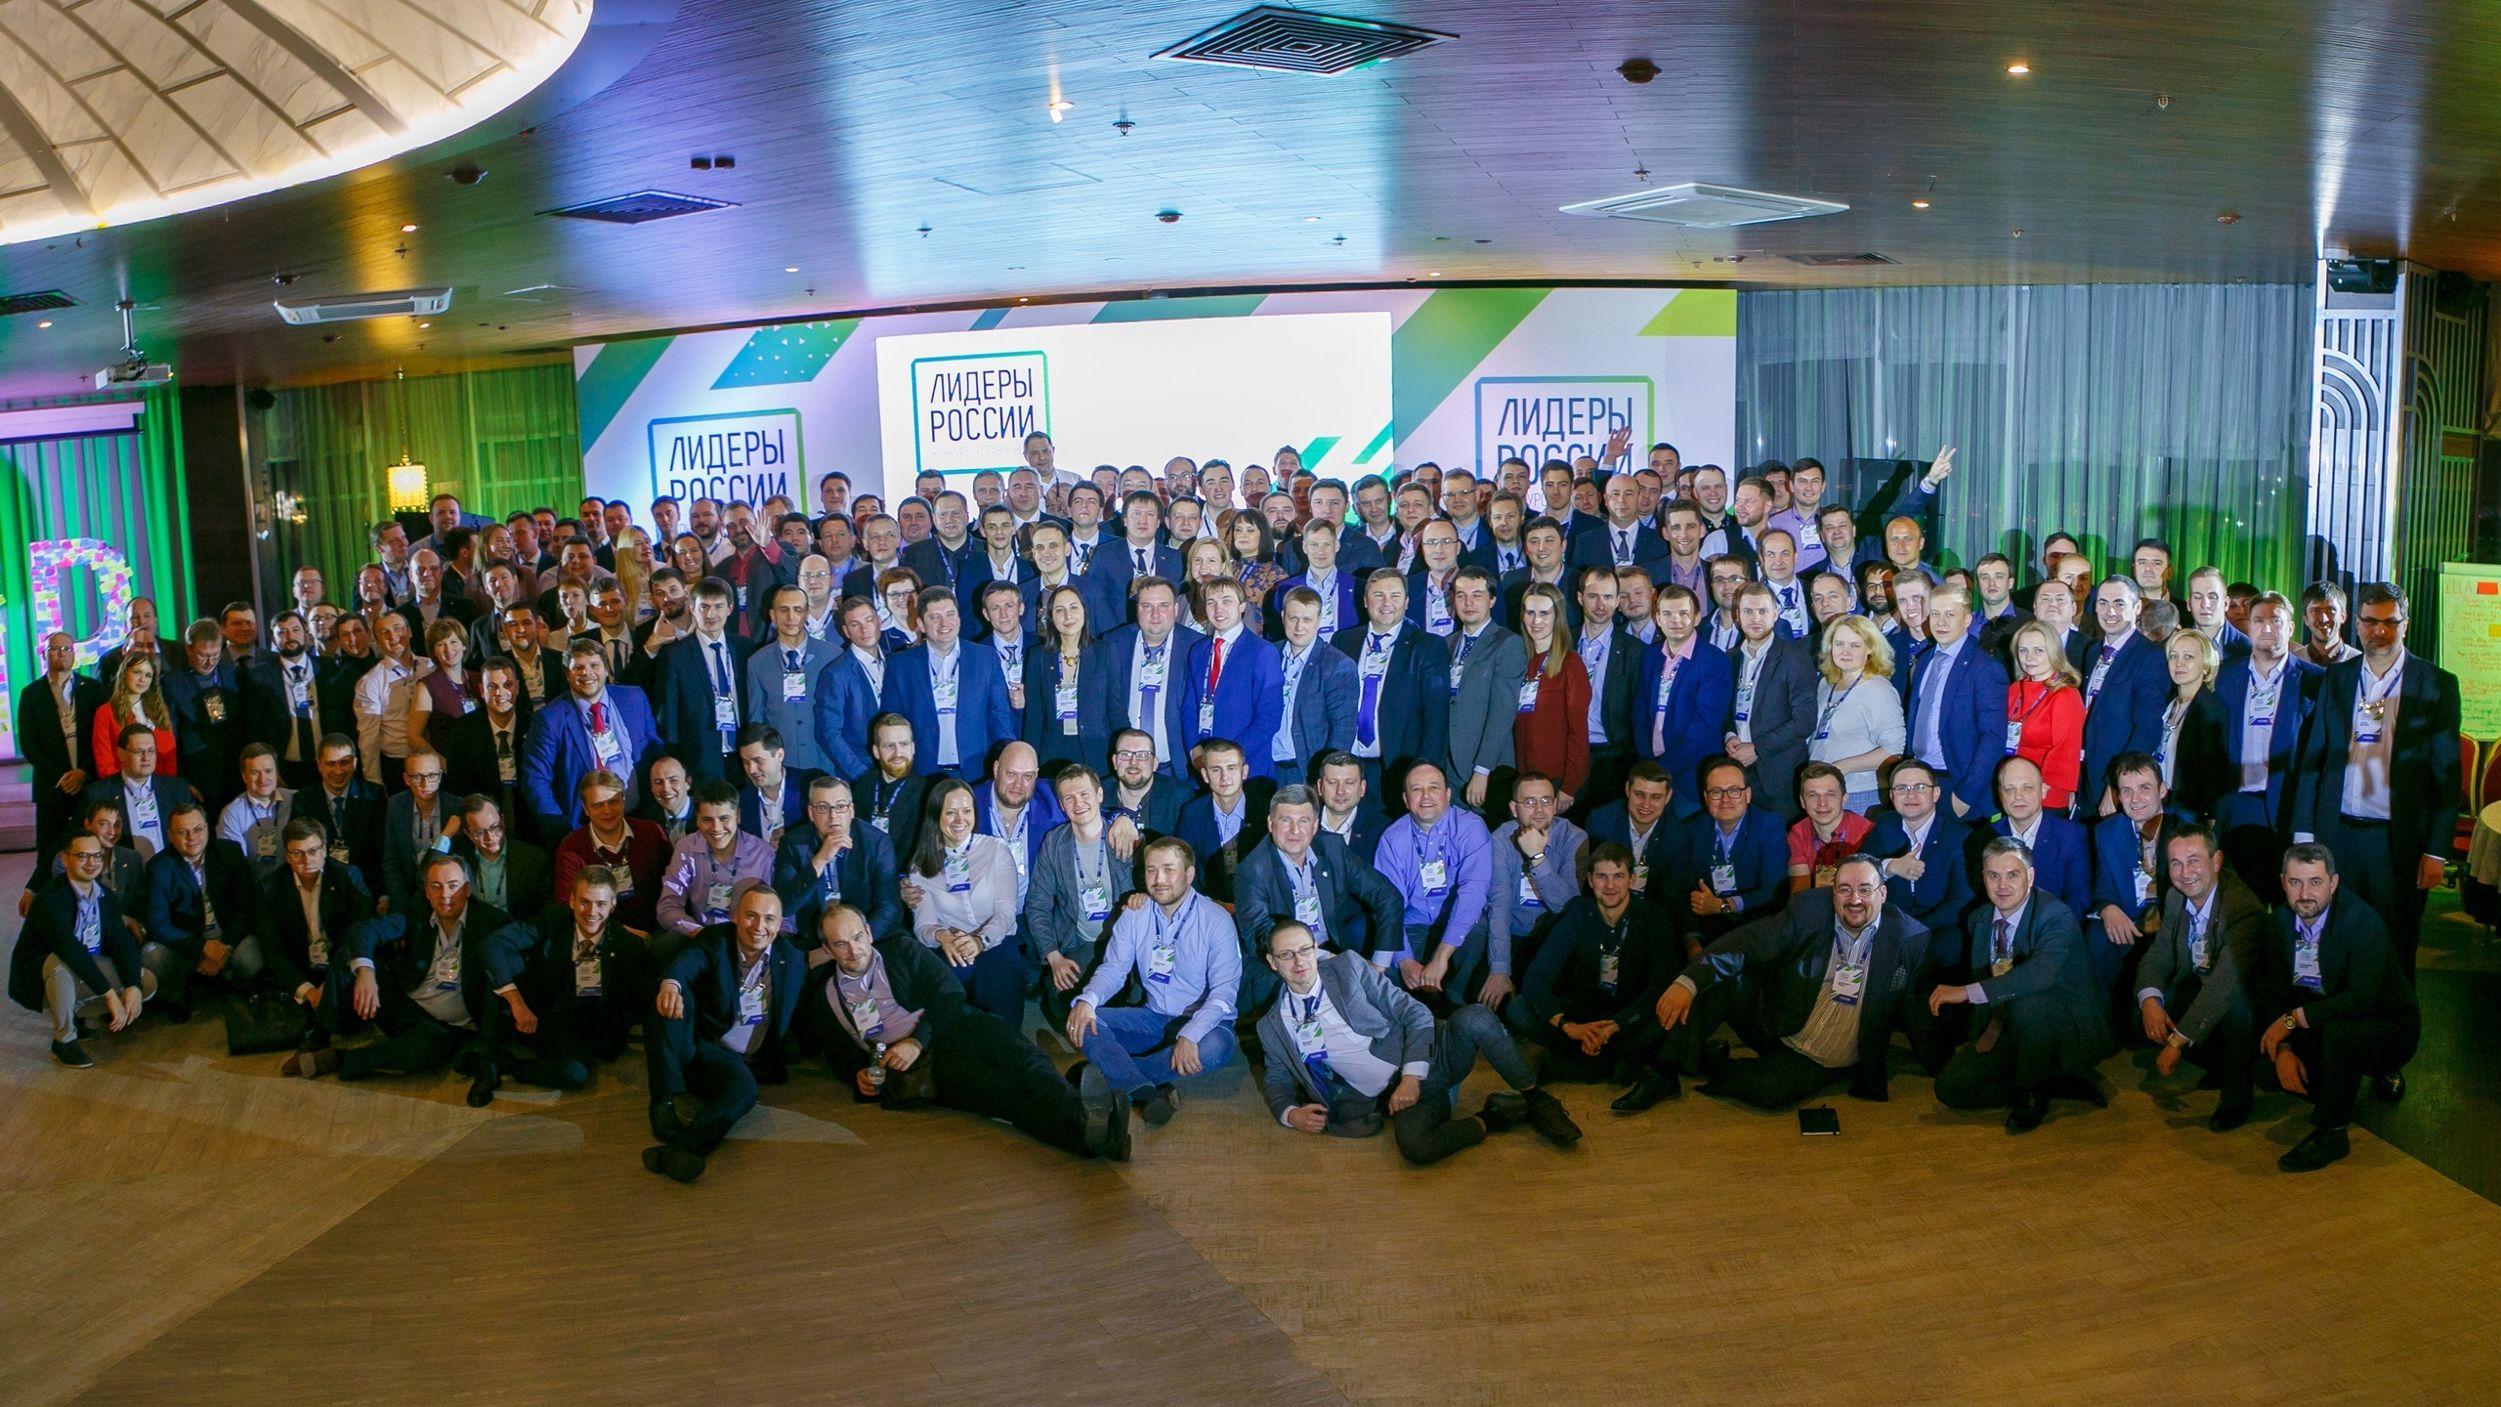 Более 1700 ярославцев принимают участие в конкурсе управленцев «Лидеры России – 2020»